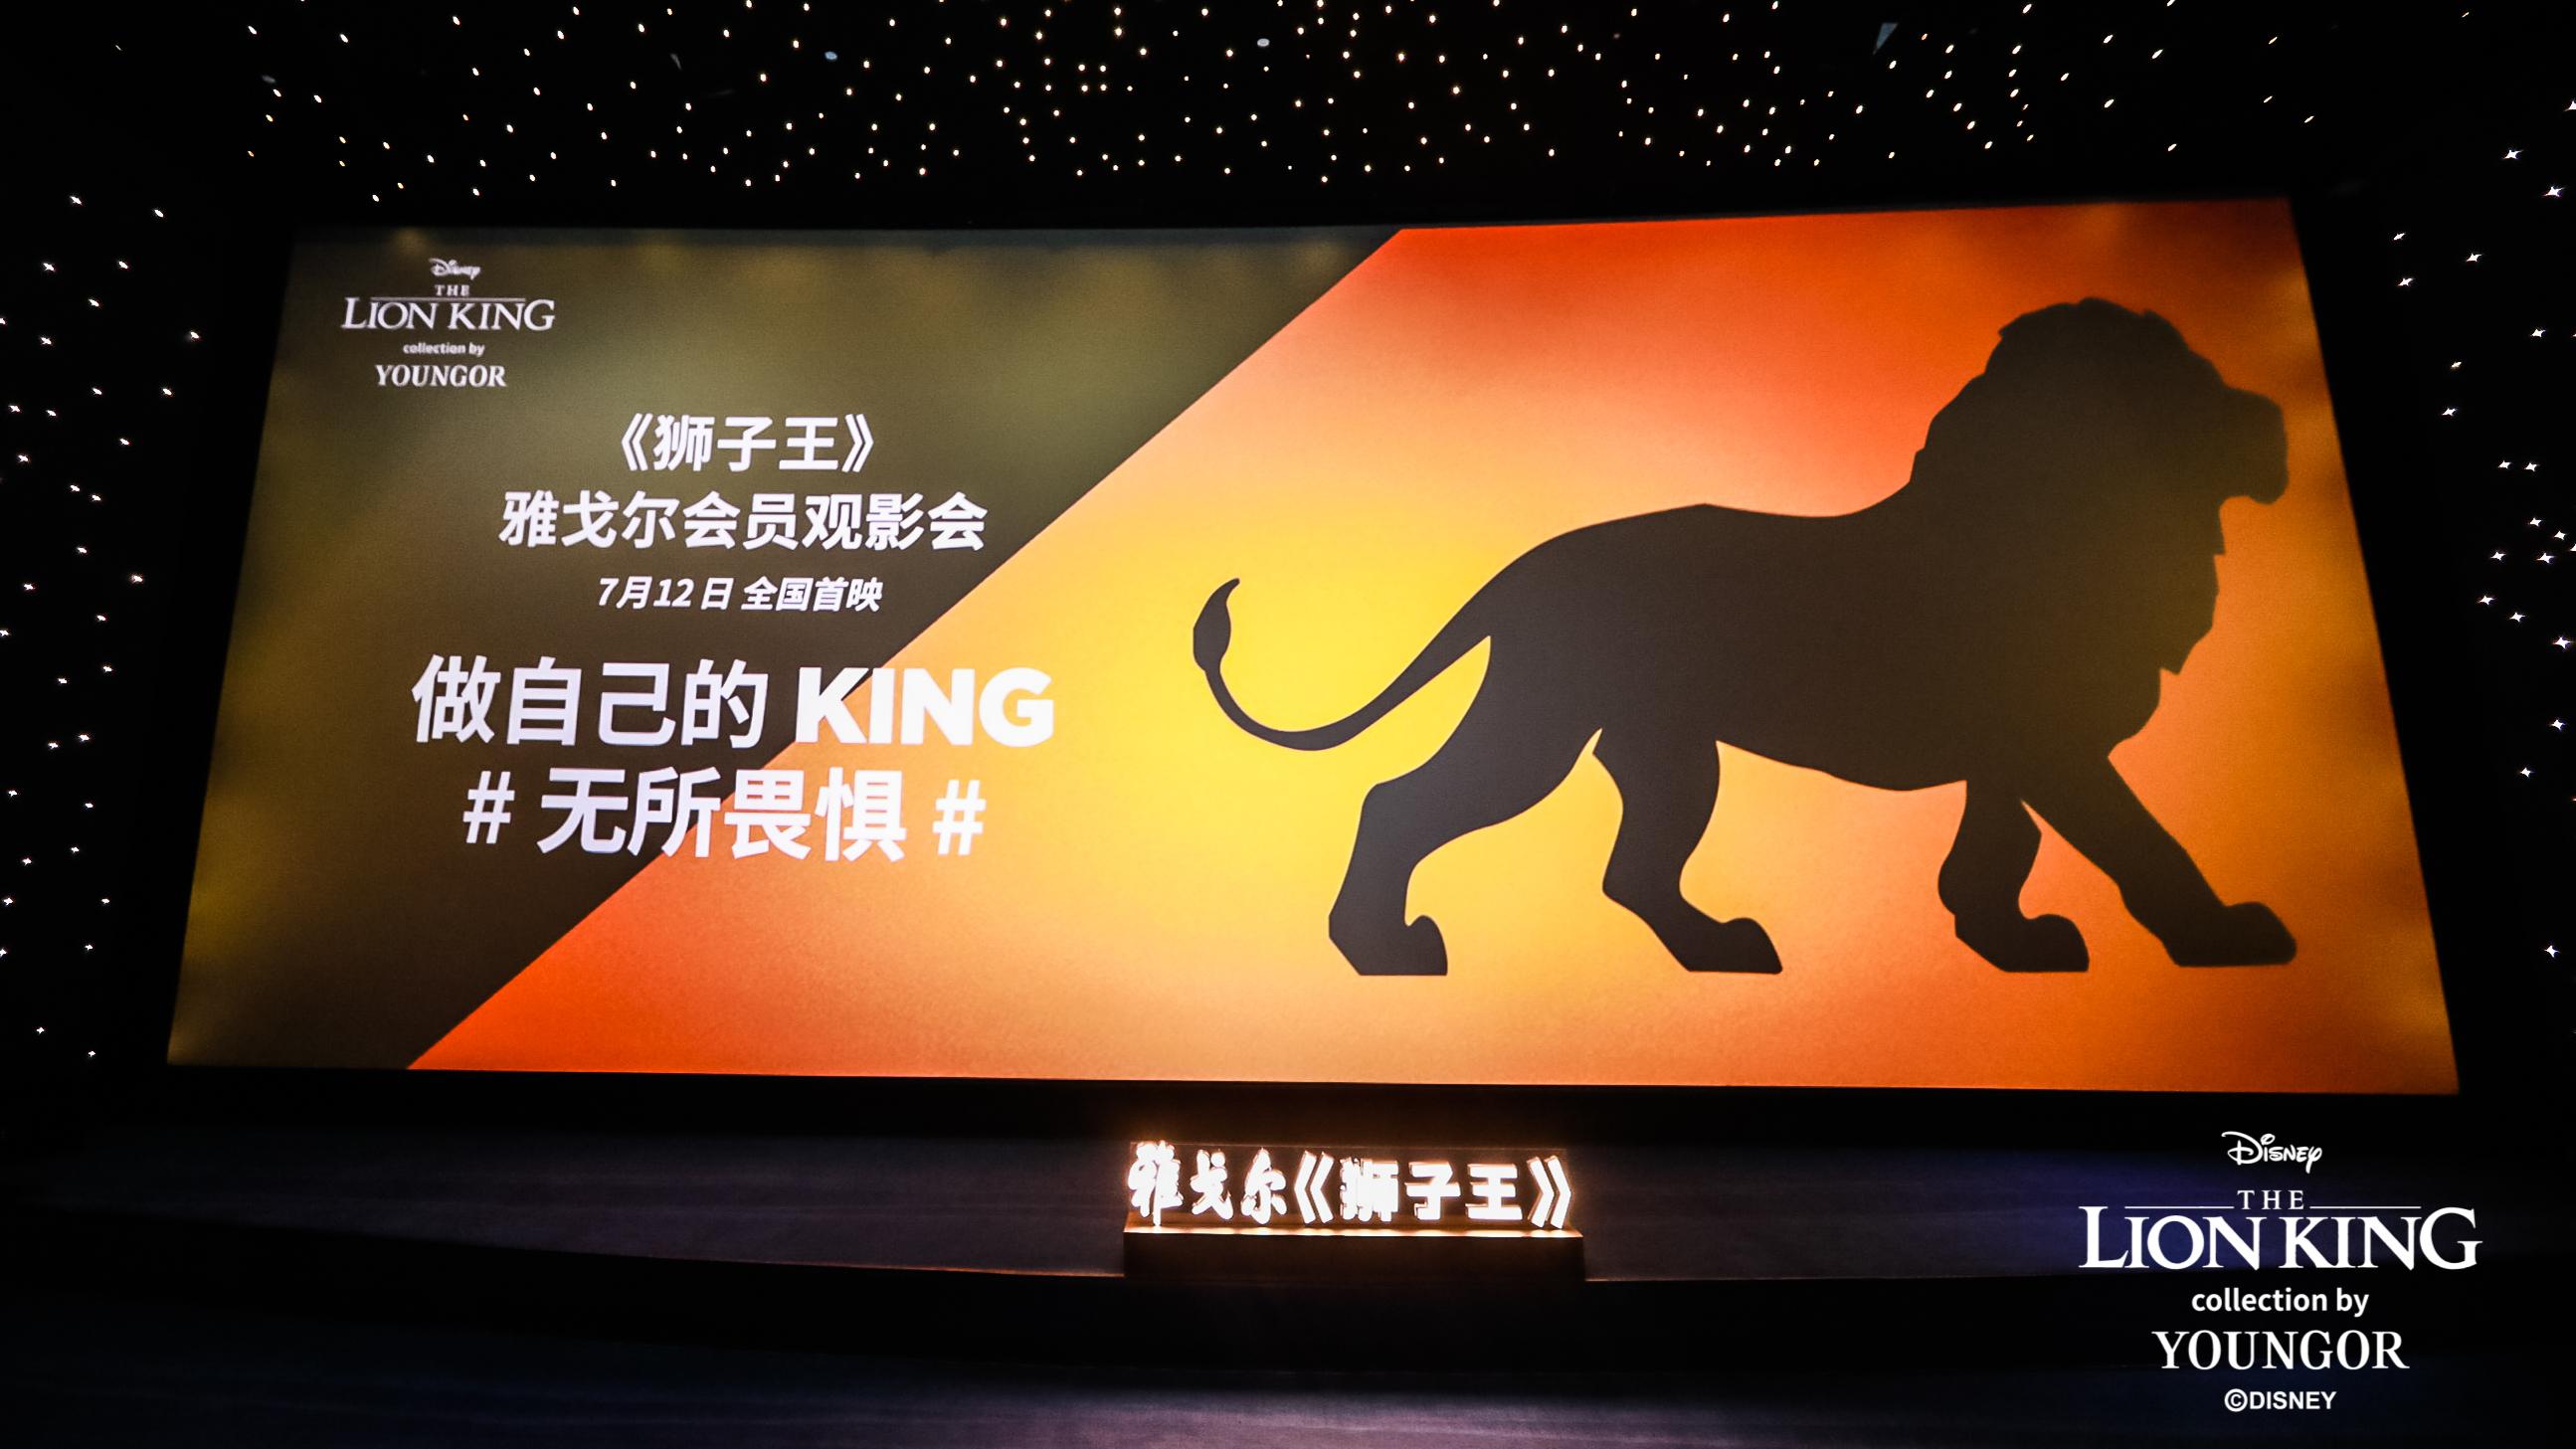 穿上雅戈尔,走进电影院,重温狮子王的美好